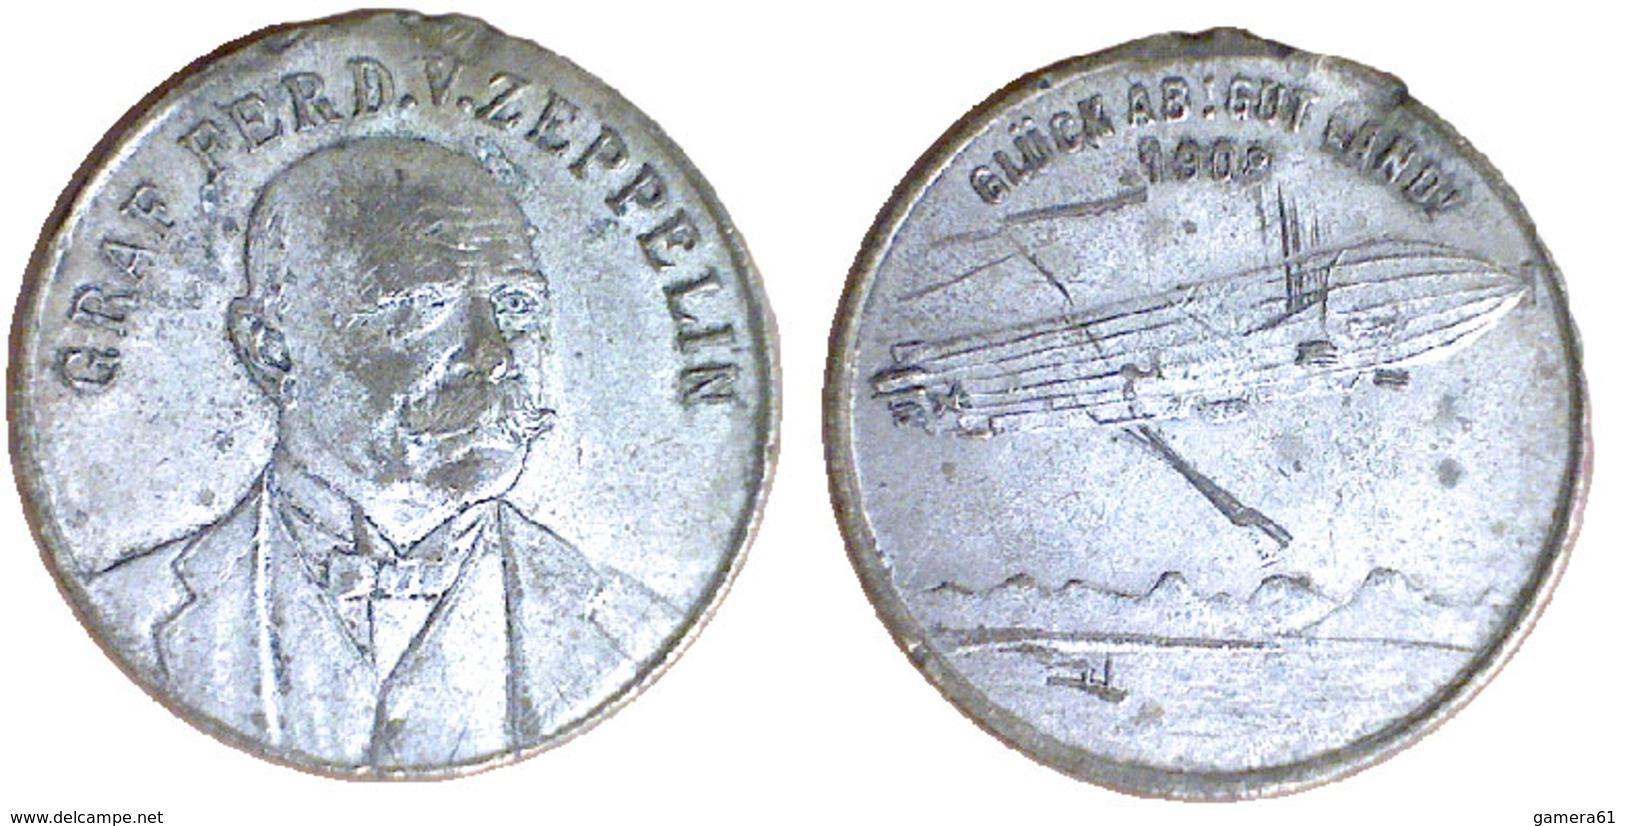 05063 MEDAGLIA MEDAL AE-Medaille 1908, Graf Zeppelin, Glück Ab, Gut Land! Medal Without Hanger - Allemagne